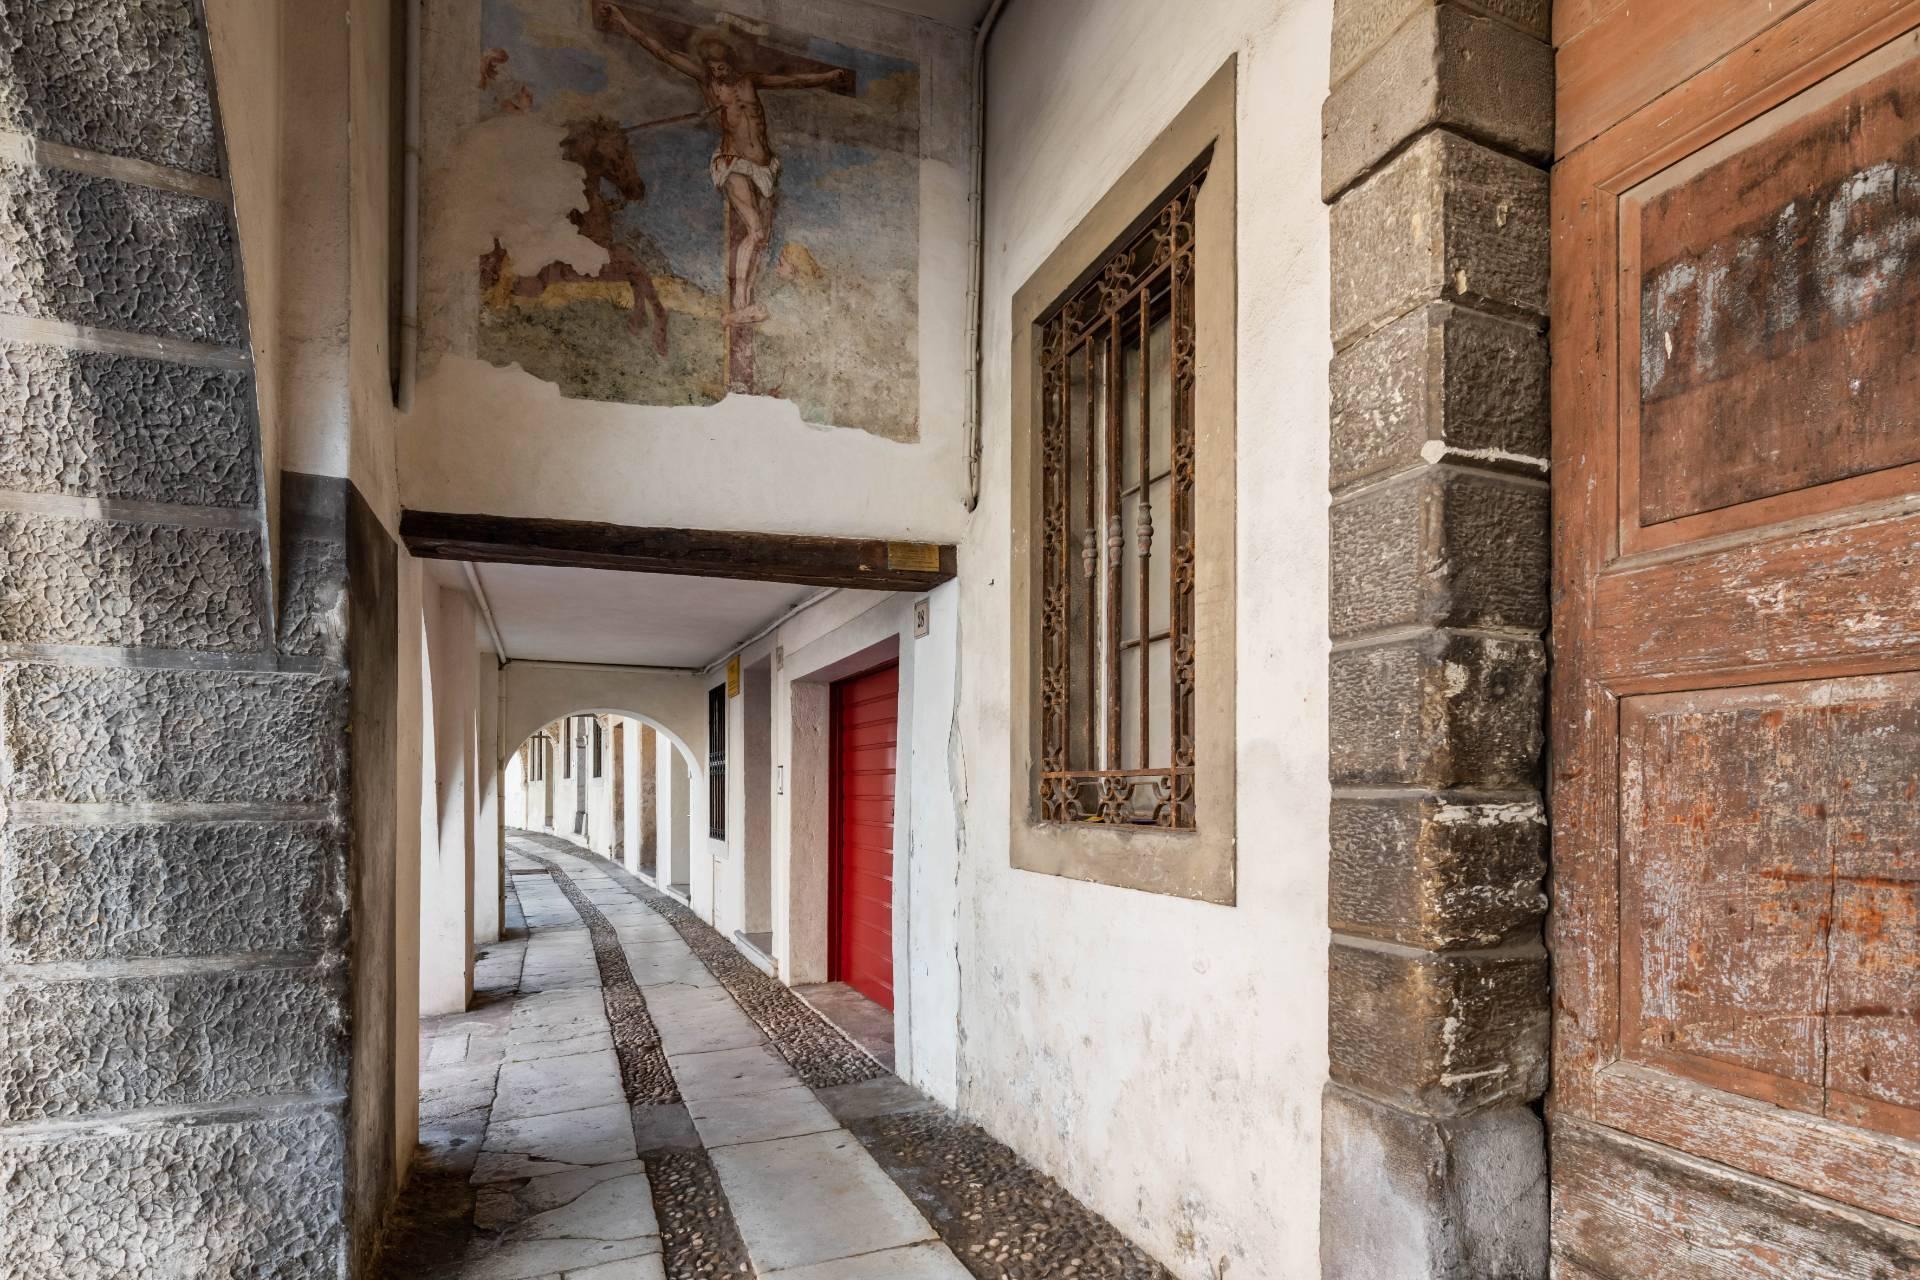 Renoviertes Gebäude aus dem 15. Jahrhundert im historischen Zentrum von Serravalle, Heimat des Malers Antonello Da Serravalle - 23